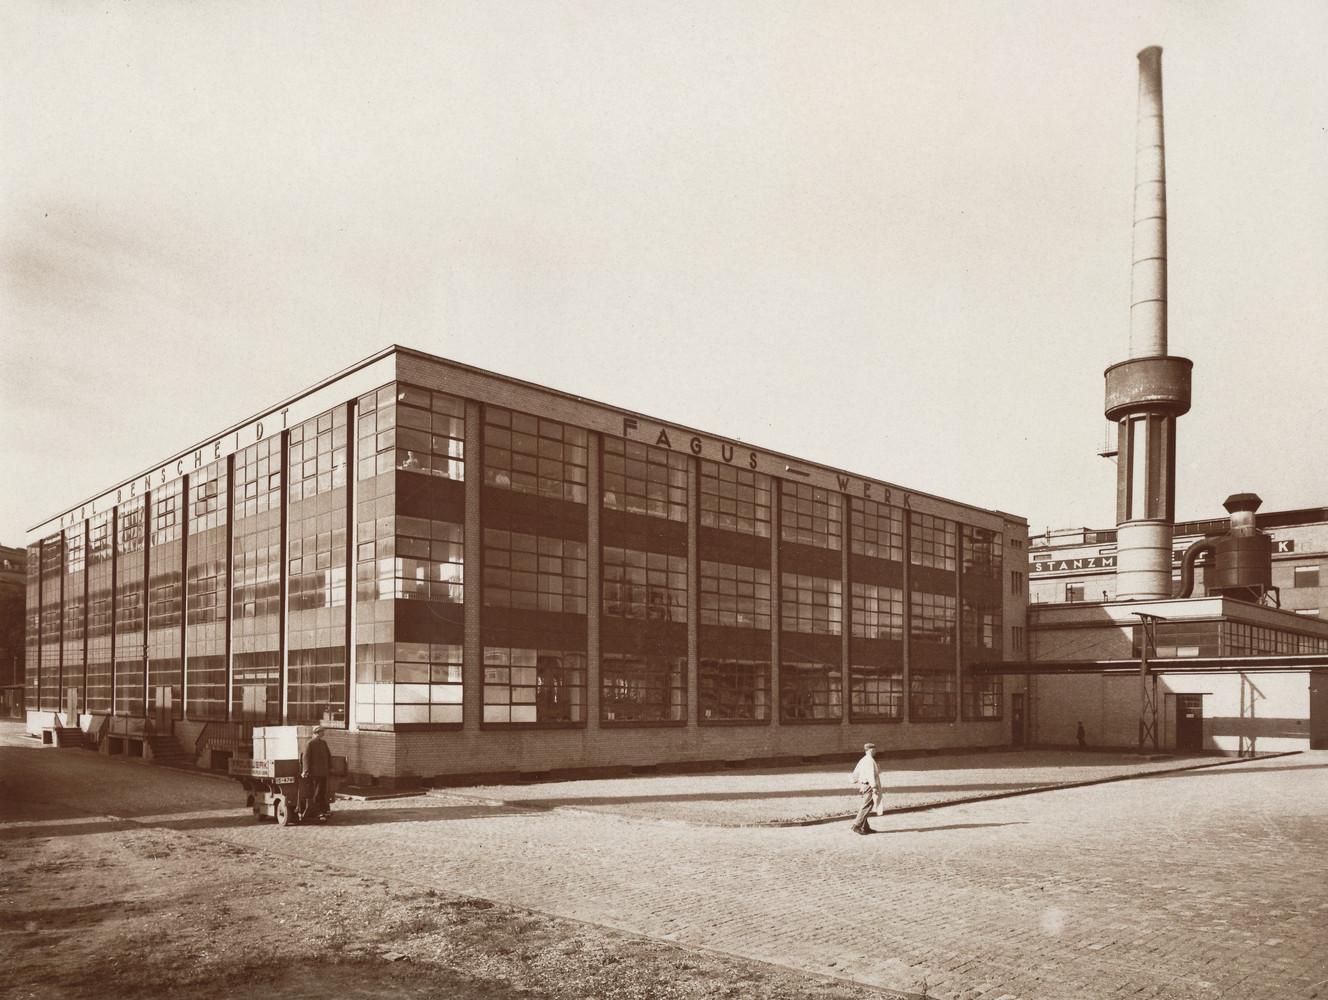 1911-1914_durch_die_Architekten_Walter_Gropius_und_Adolf_Meyer_erbautes_Fagus-Werk_in_Alfeld_Leine__Fotograf_Edmund_Lill__Provenienz_Landesmuseum_Oldenburg.jpg